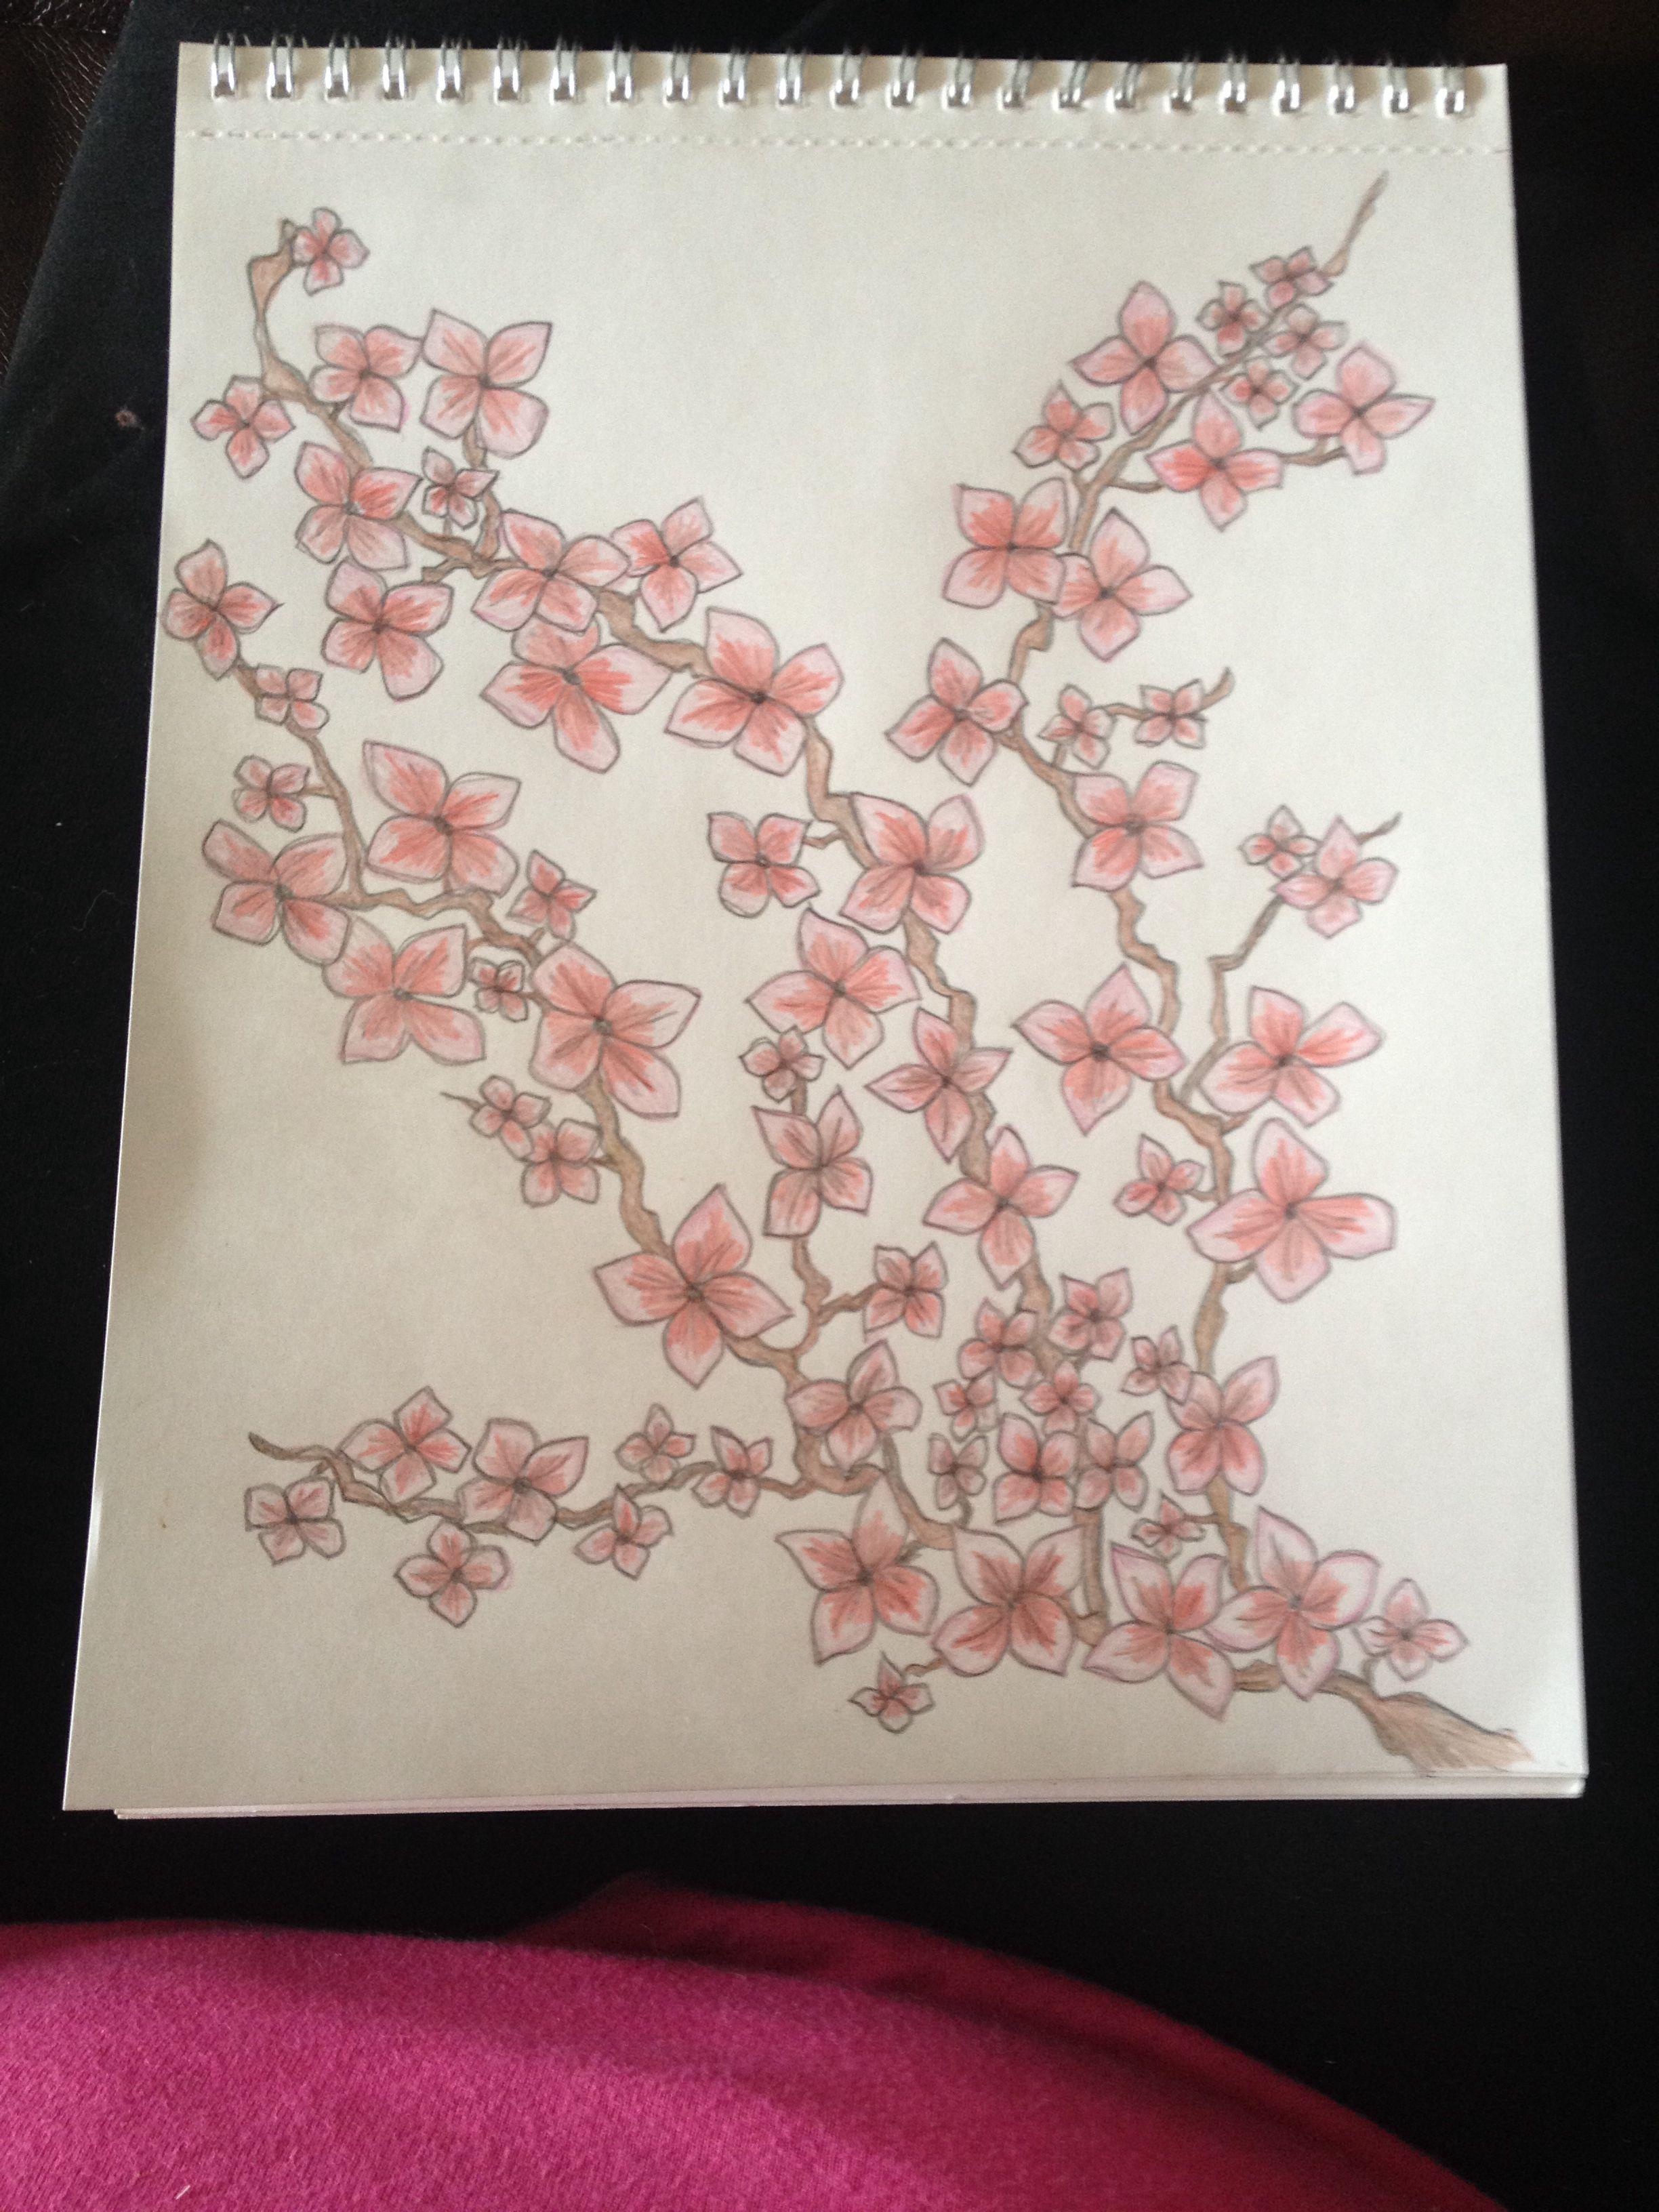 Cherry blossoms, my original design